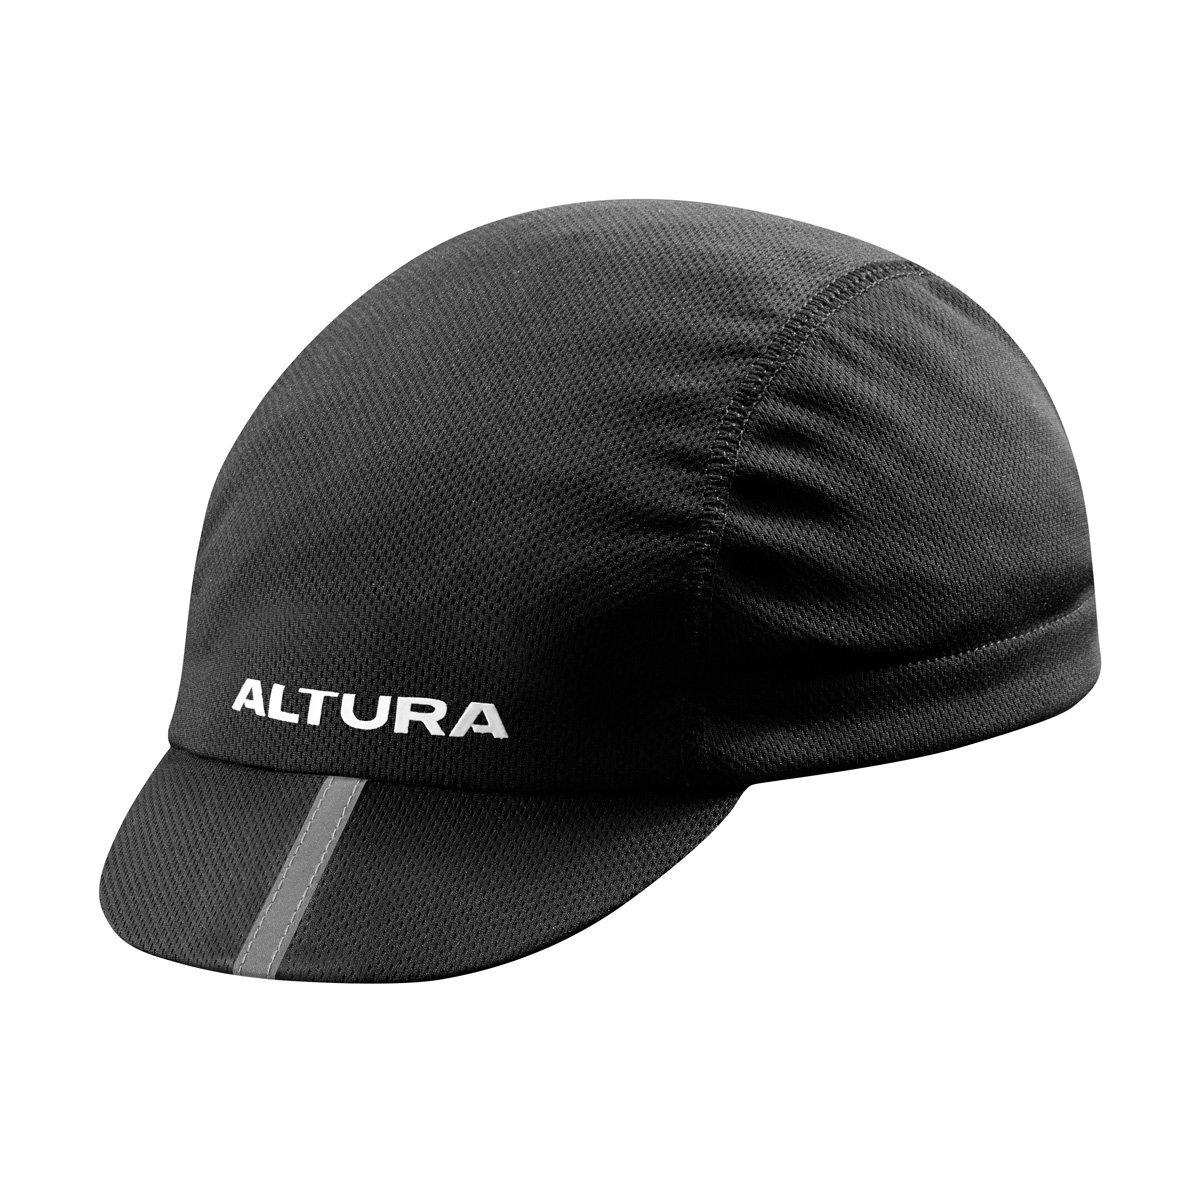 Altura - Gorra para Hombres Podium 811a9b654f3